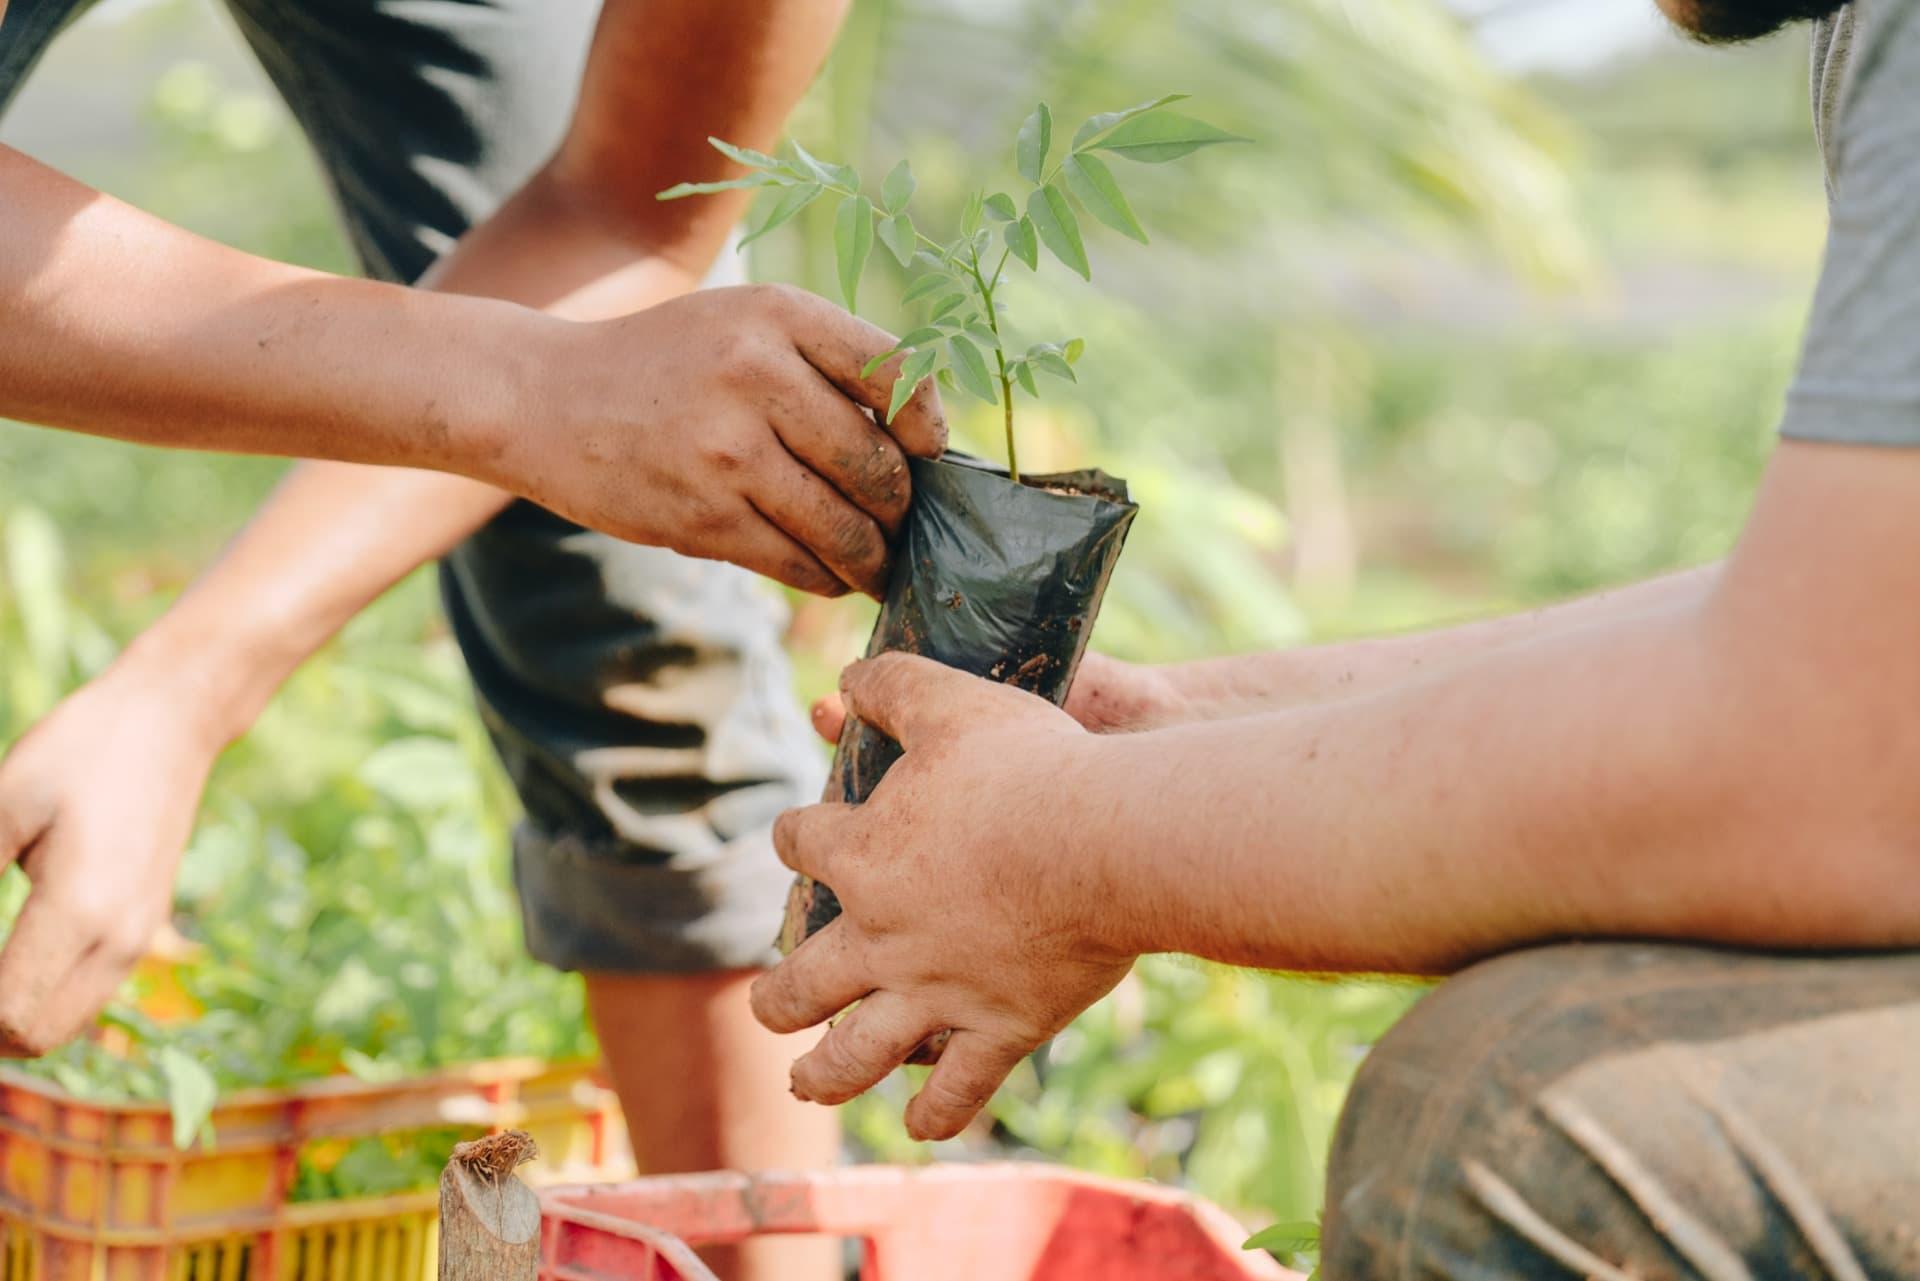 Damos cada árvore às comunidades camponesas